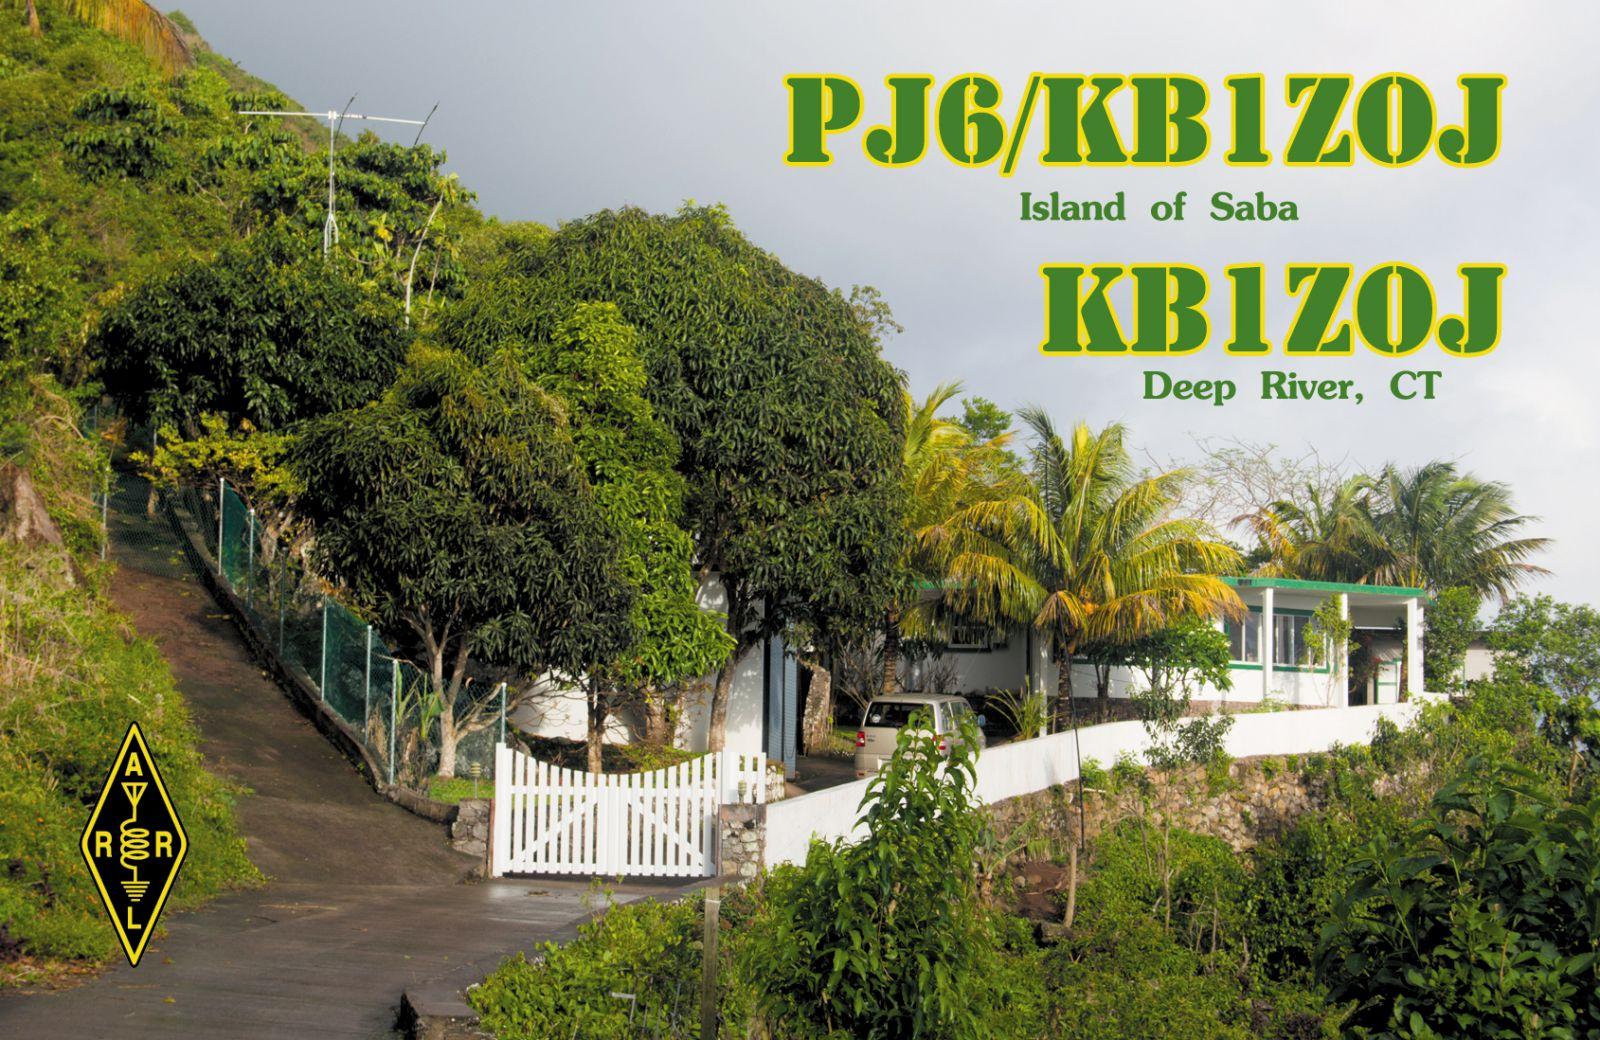 Saba Island PJ6/KB1ZOJ